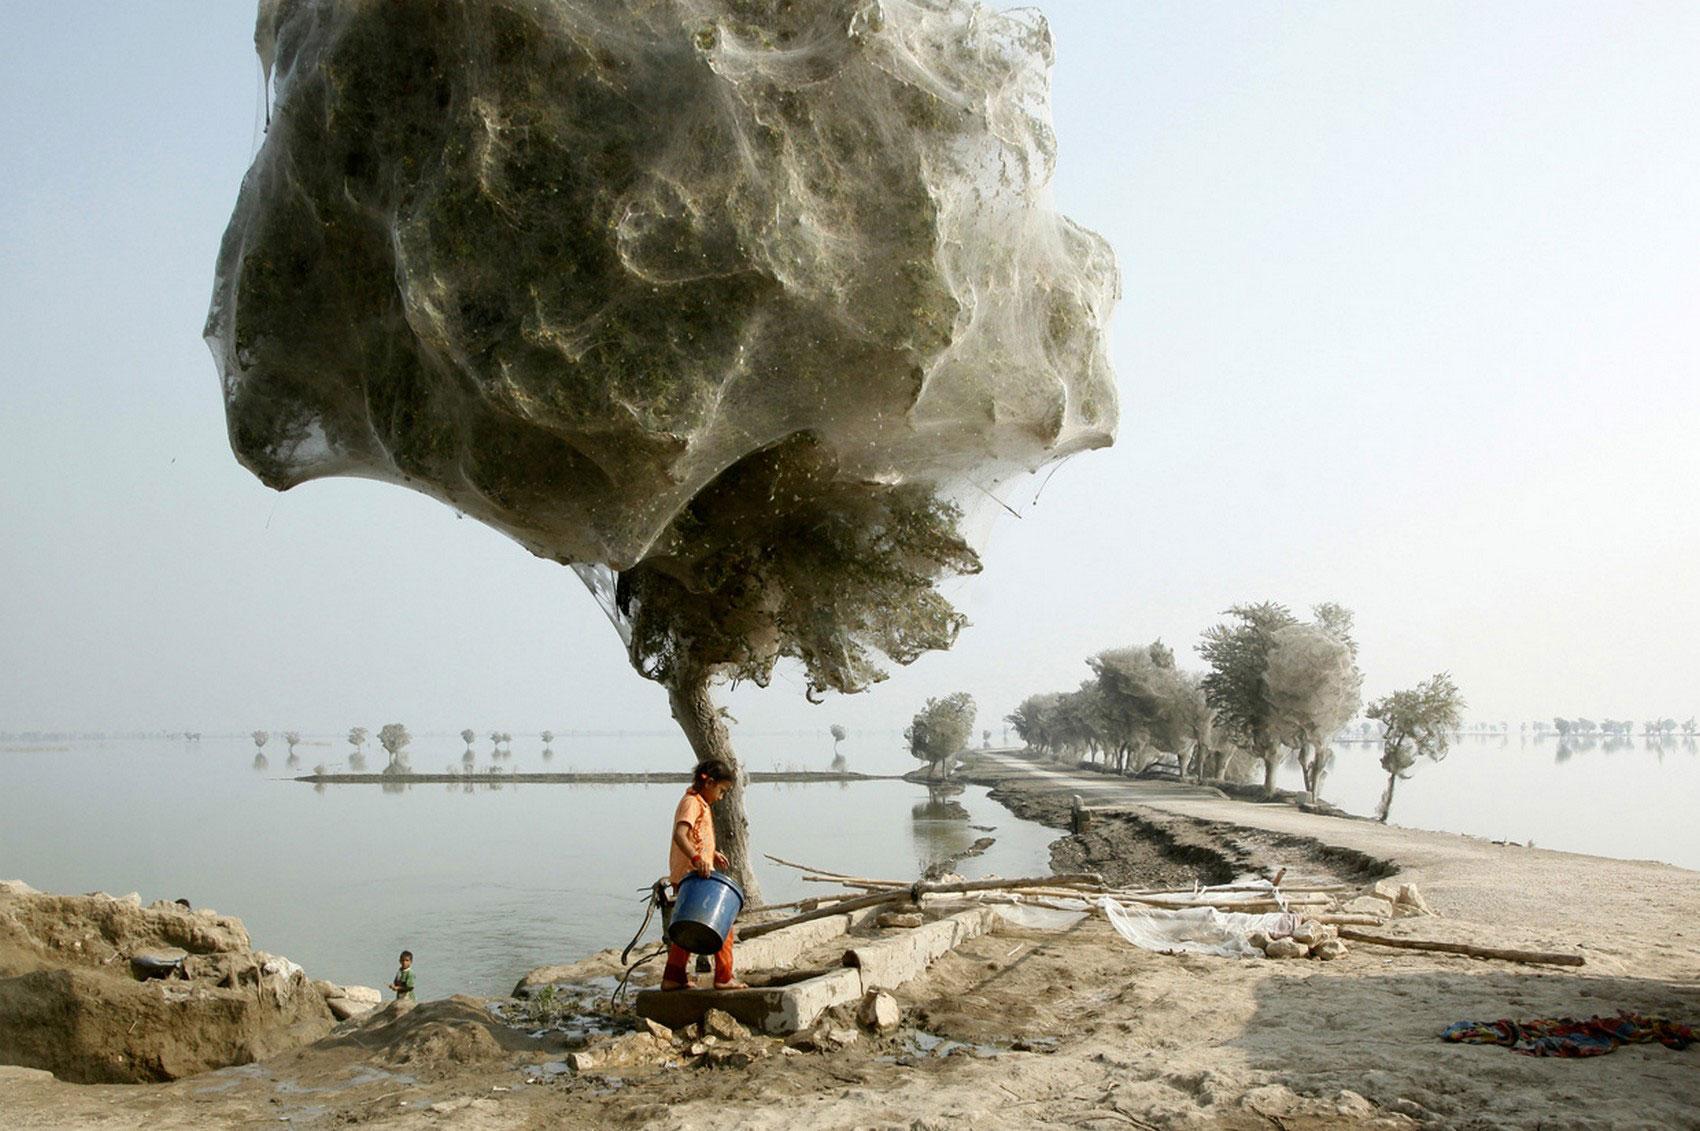 миллионы пауков поднялись на деревья